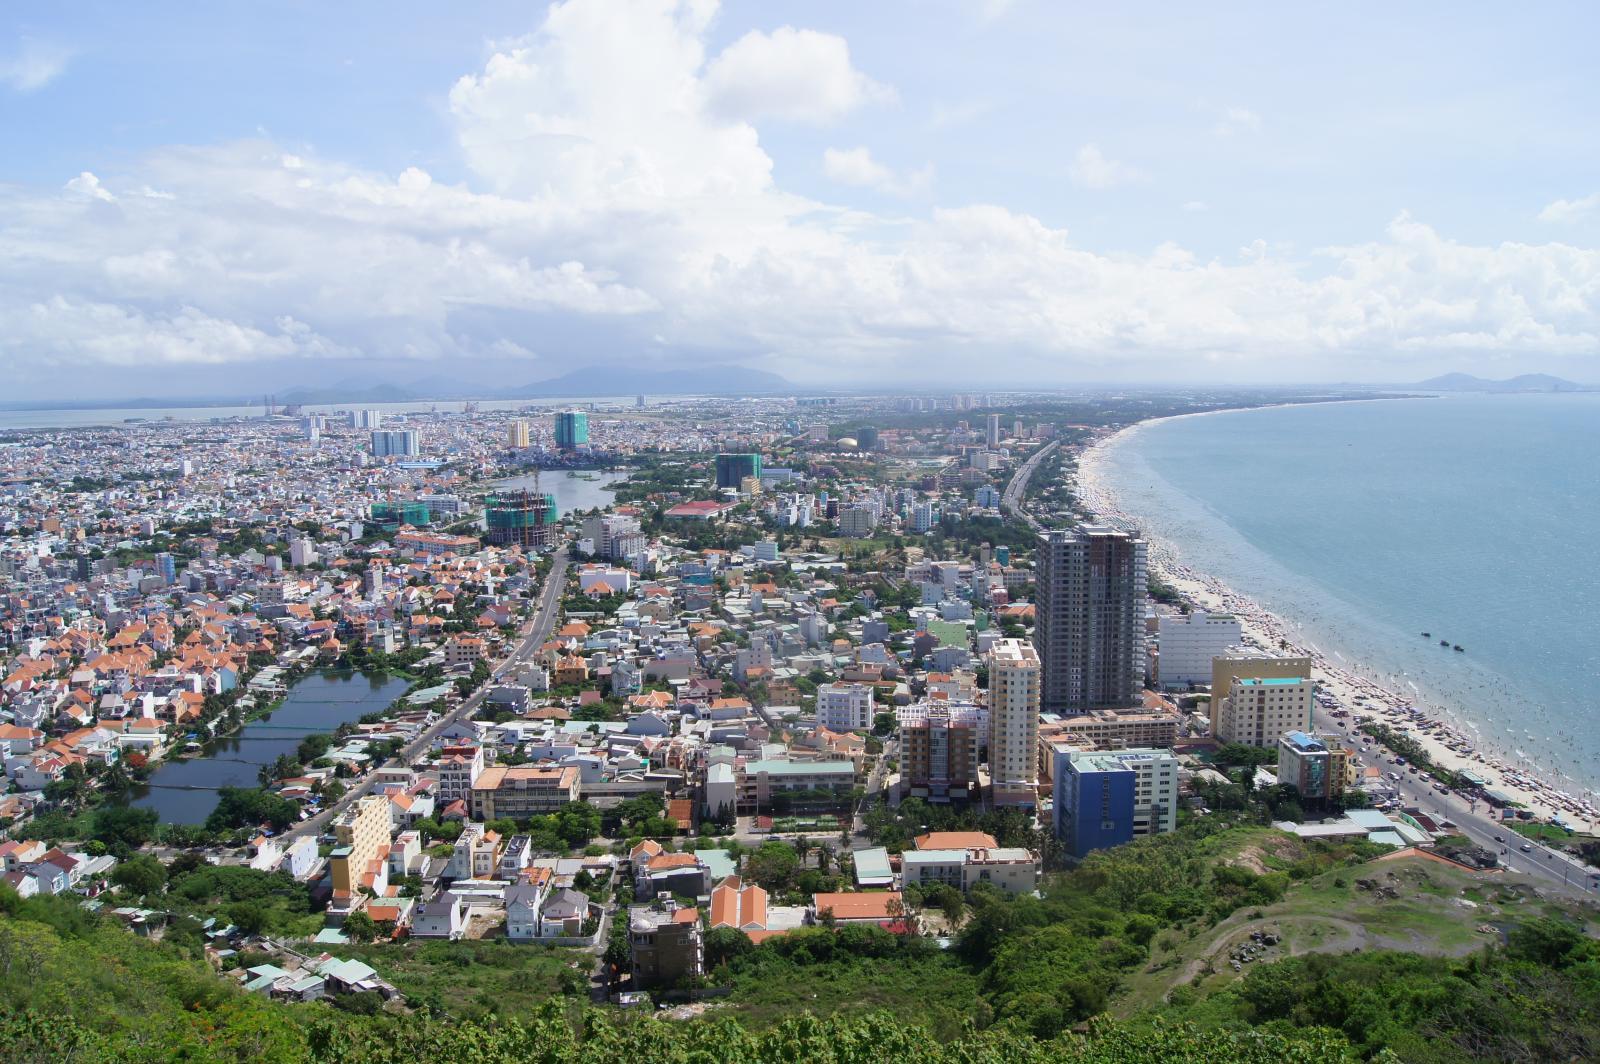 nhà ở nằm ven biển Vũng Tàu